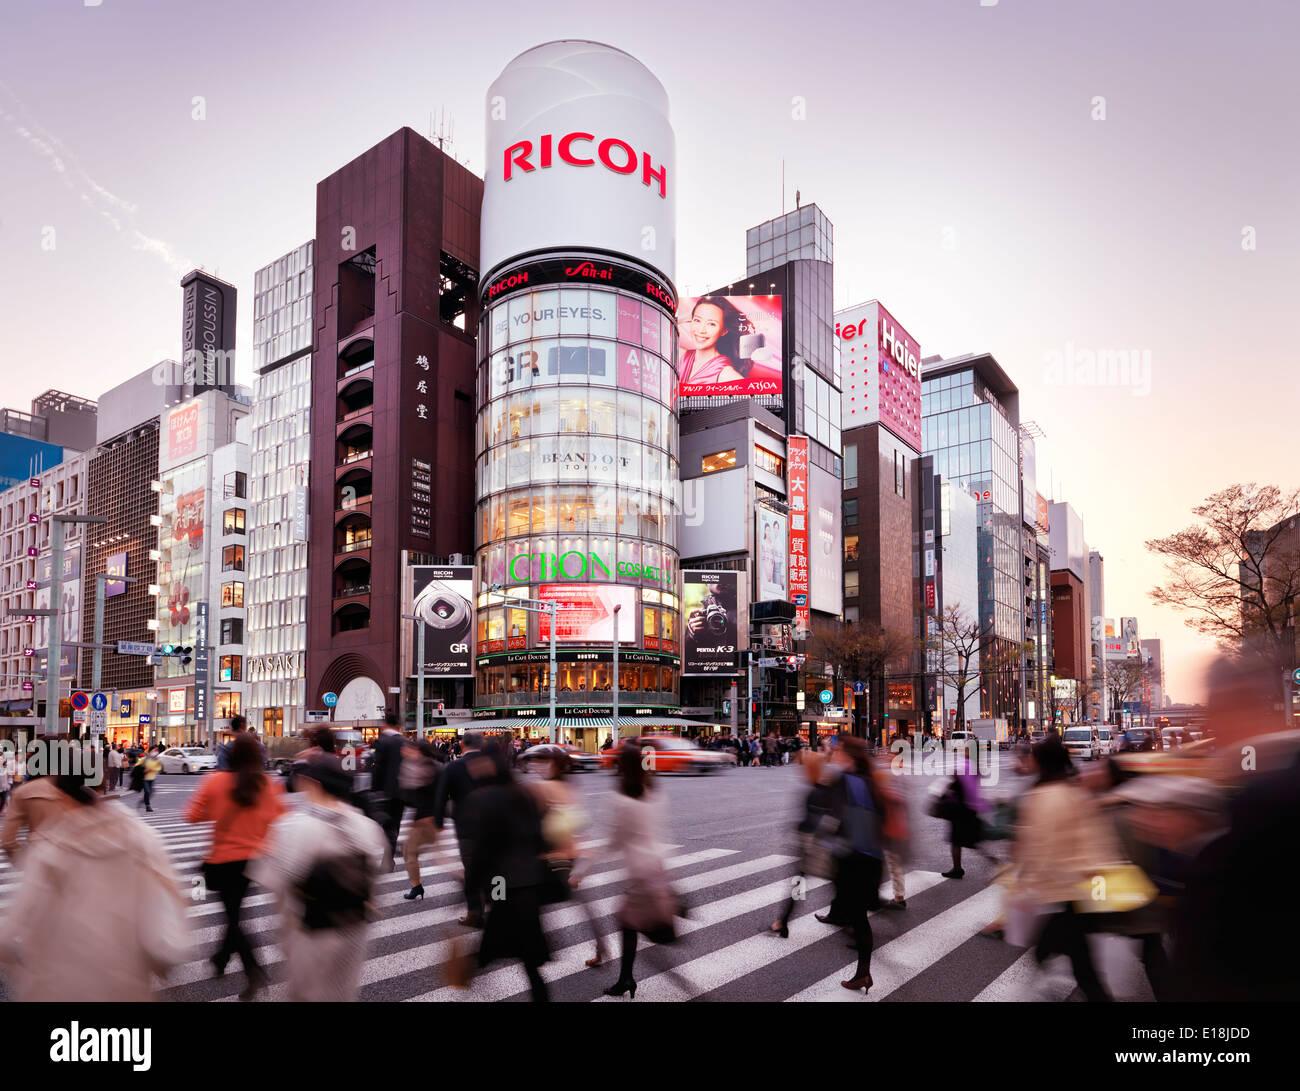 Les personnes qui traversent intersection de Harumi Dori et Chou Dori. Bâtiment de Ricoh au coucher du soleil. Ginza, Tokyo, Japon 2014. Photo Stock